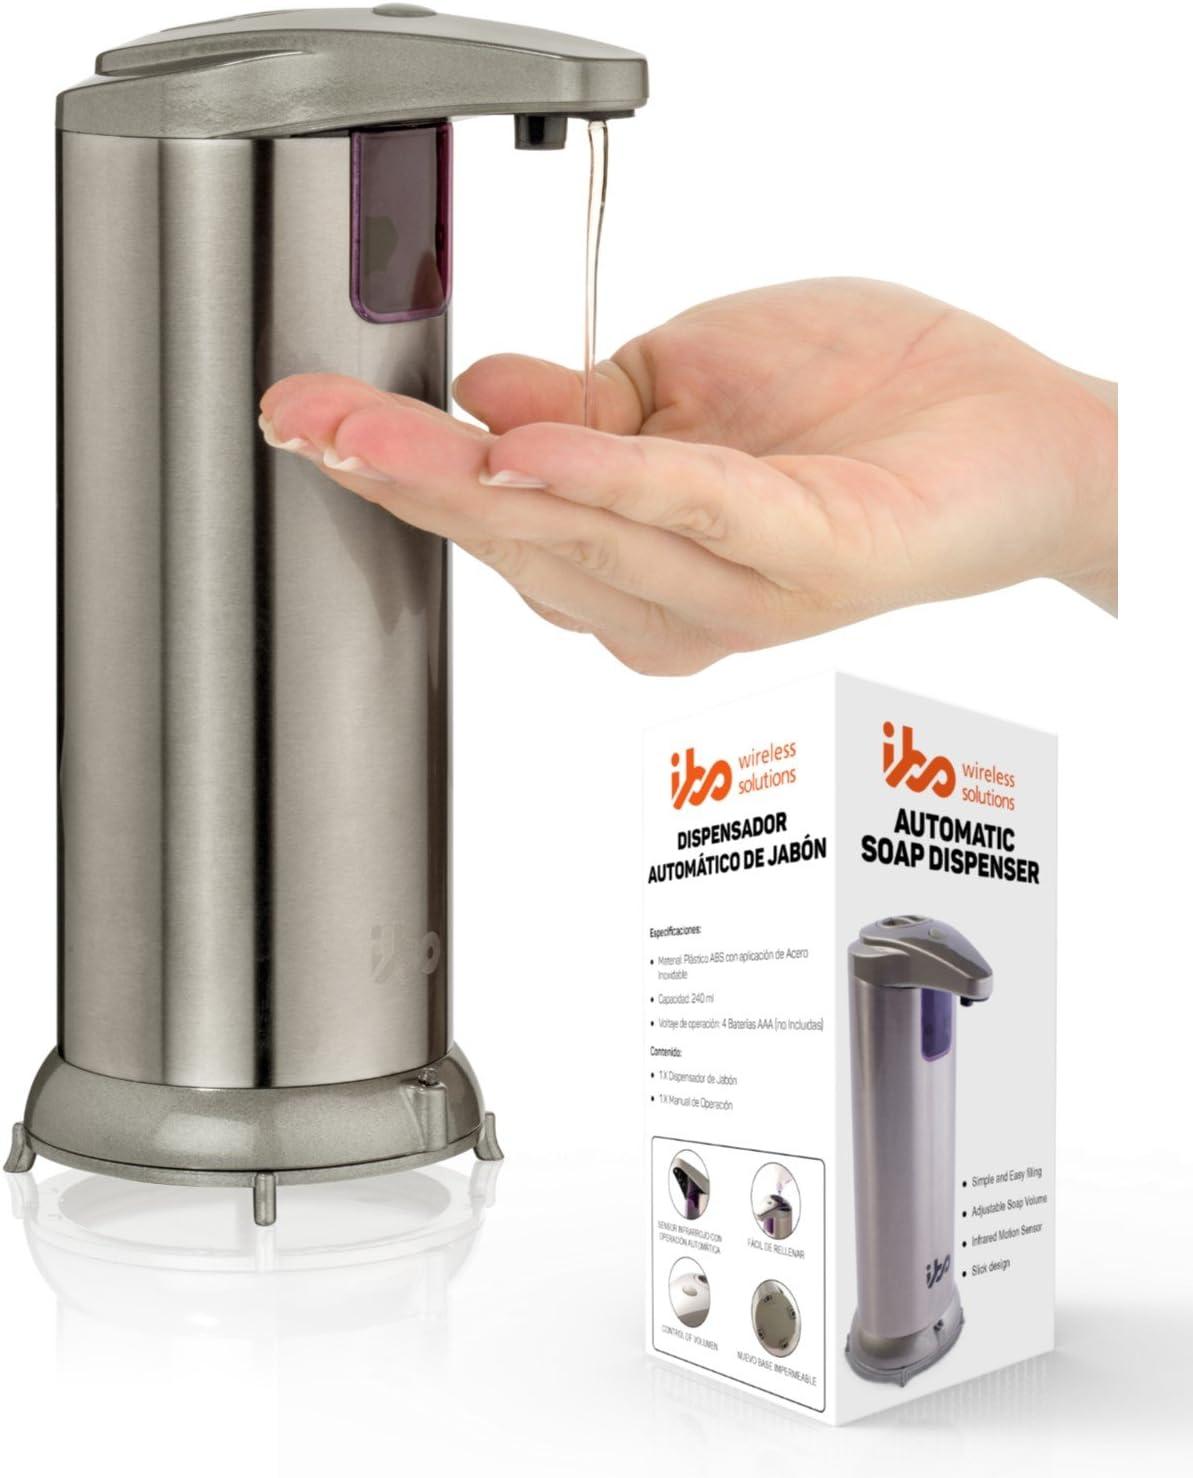 IBO Dispensador Jabon Automatico De Liquidos Manos Libres Acero Inoxidable Impermeable Para Cocina Y Baño Touchless Soap Dispenser Chromado 240 ml